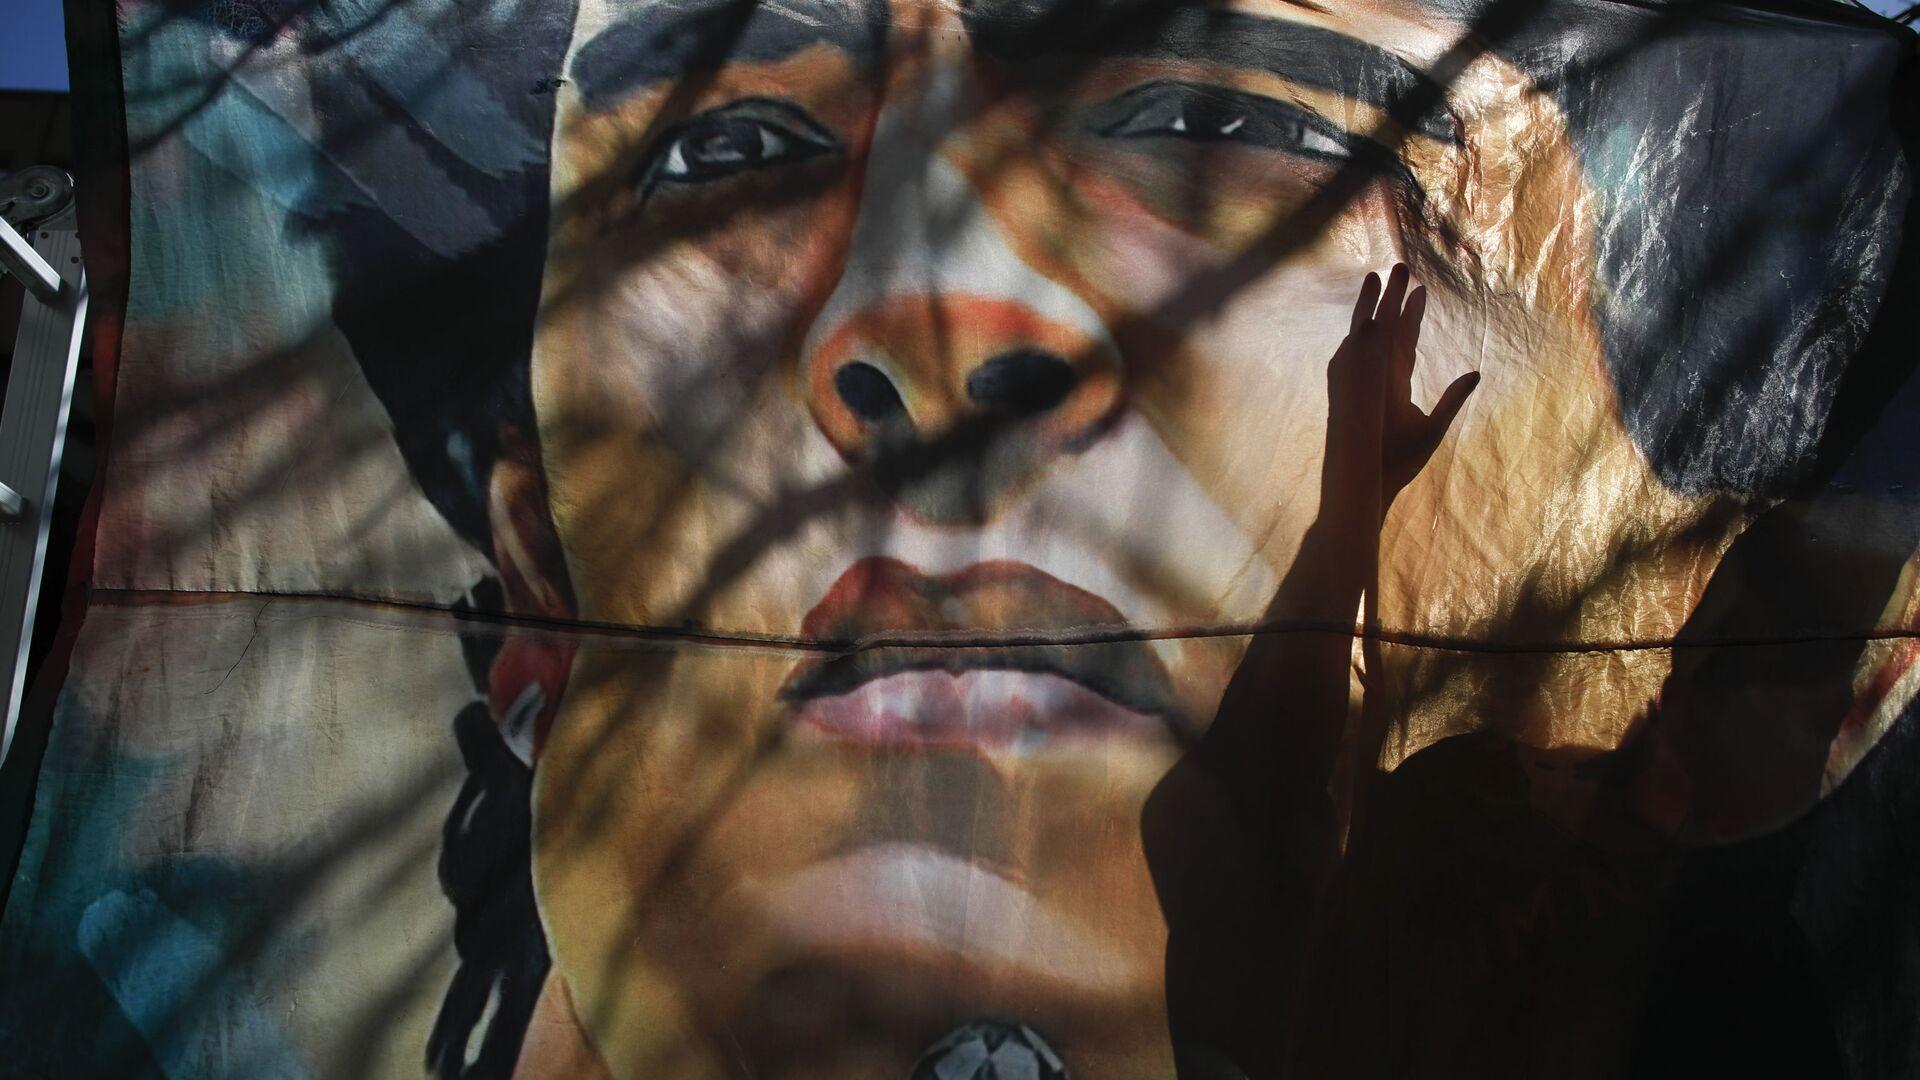 Un retrato de Diego Maradona - Sputnik Mundo, 1920, 15.07.2021